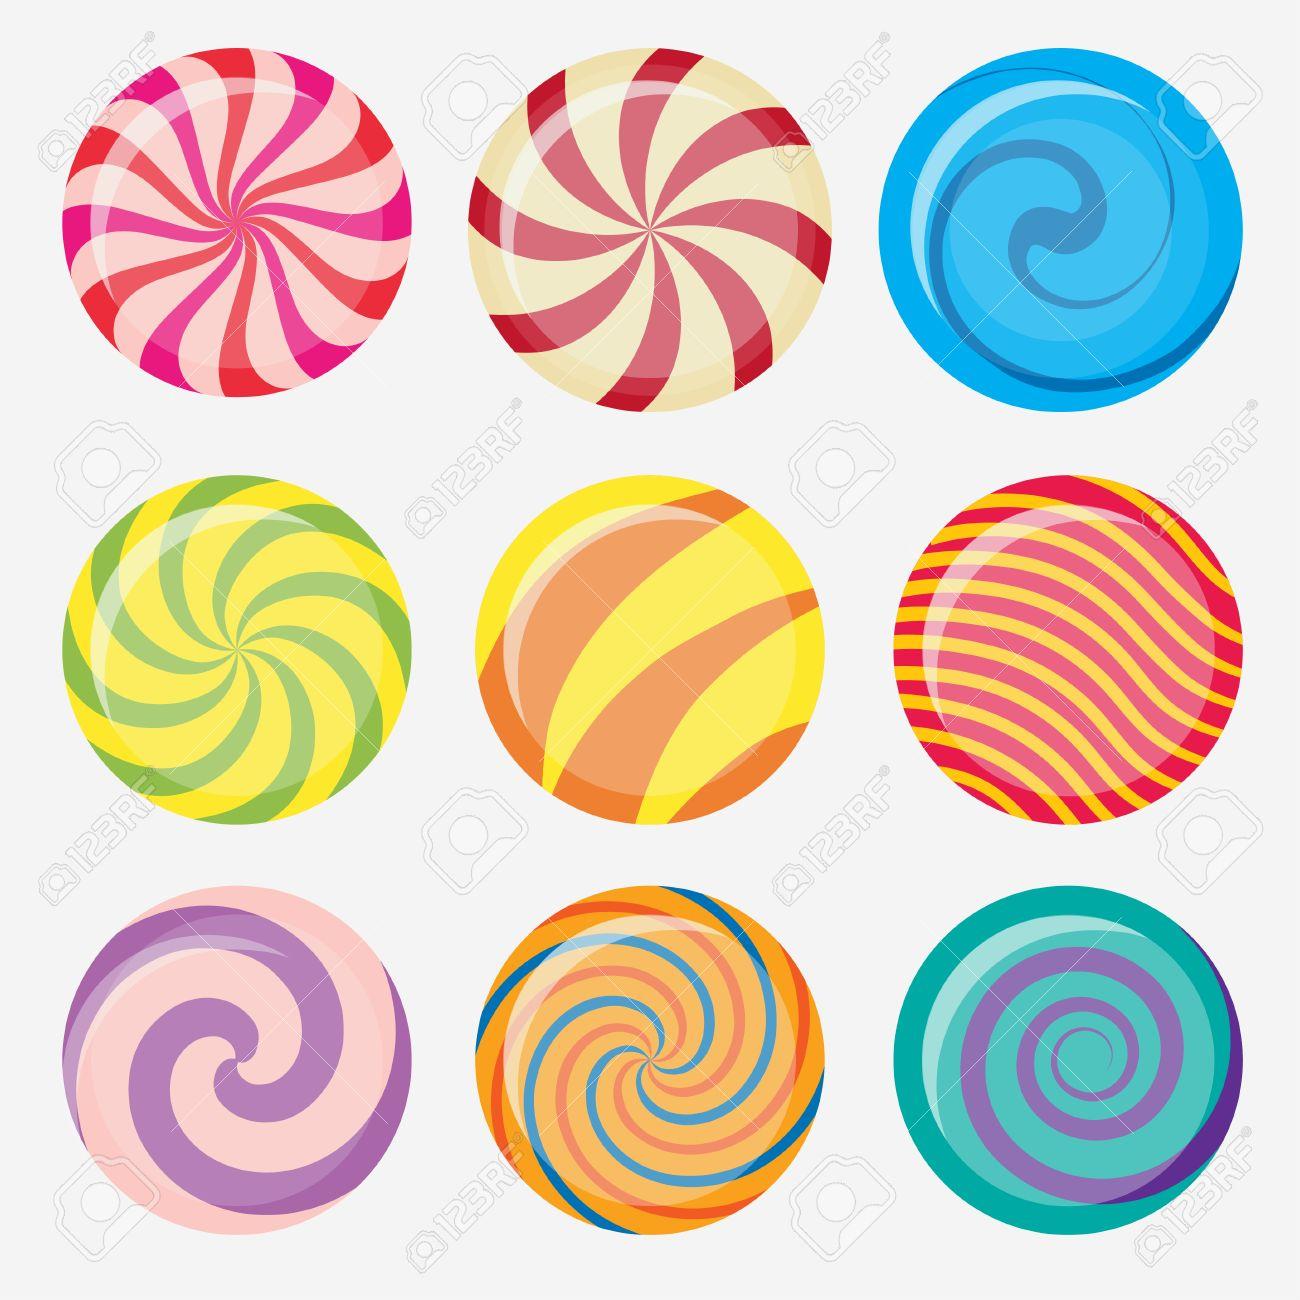 — ¡Bienvenidos a la tienda de cachivaches de Central Town! 62133807-caramelo-dulce-redondo-conjunto-de-caramelo-piruleta-colecci%C3%B3n-caramelos-de-colores-y-sin-envoltura-dul